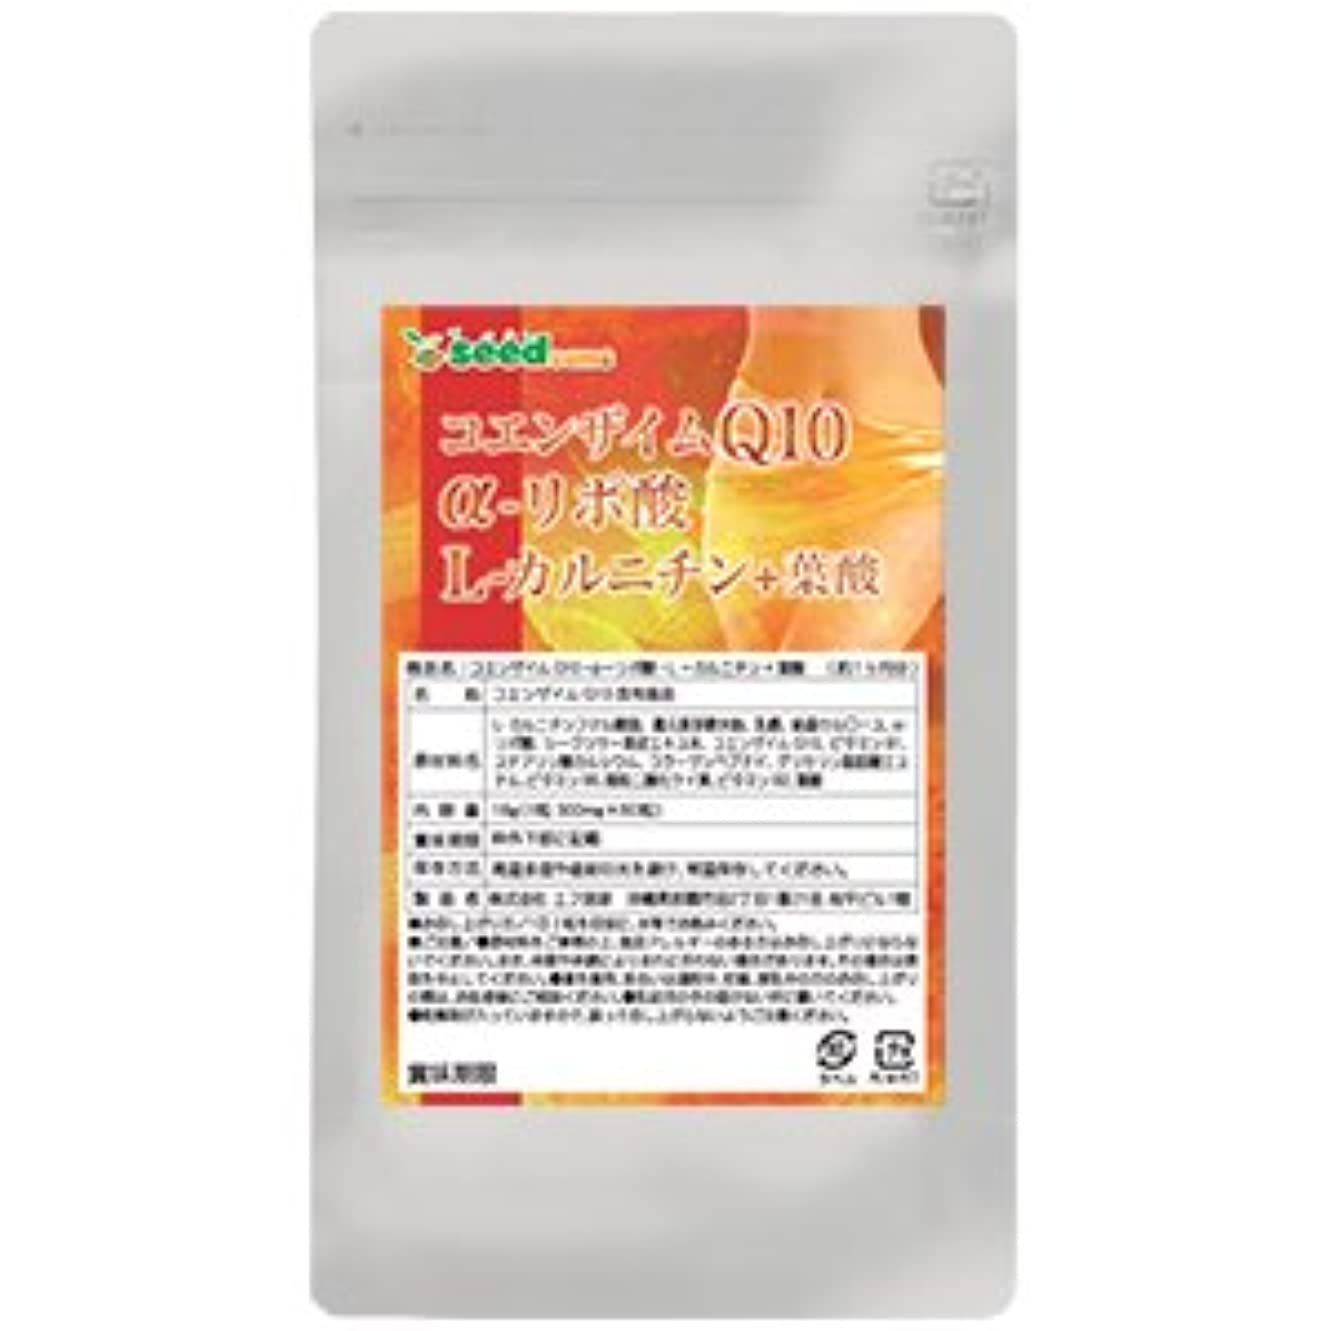 オーブン手順ヘルパーコエンザイムQ10 α-リポ酸 L-カルニチン + 葉酸 (約3ヶ月分/180粒) シークワーサーエキス配合